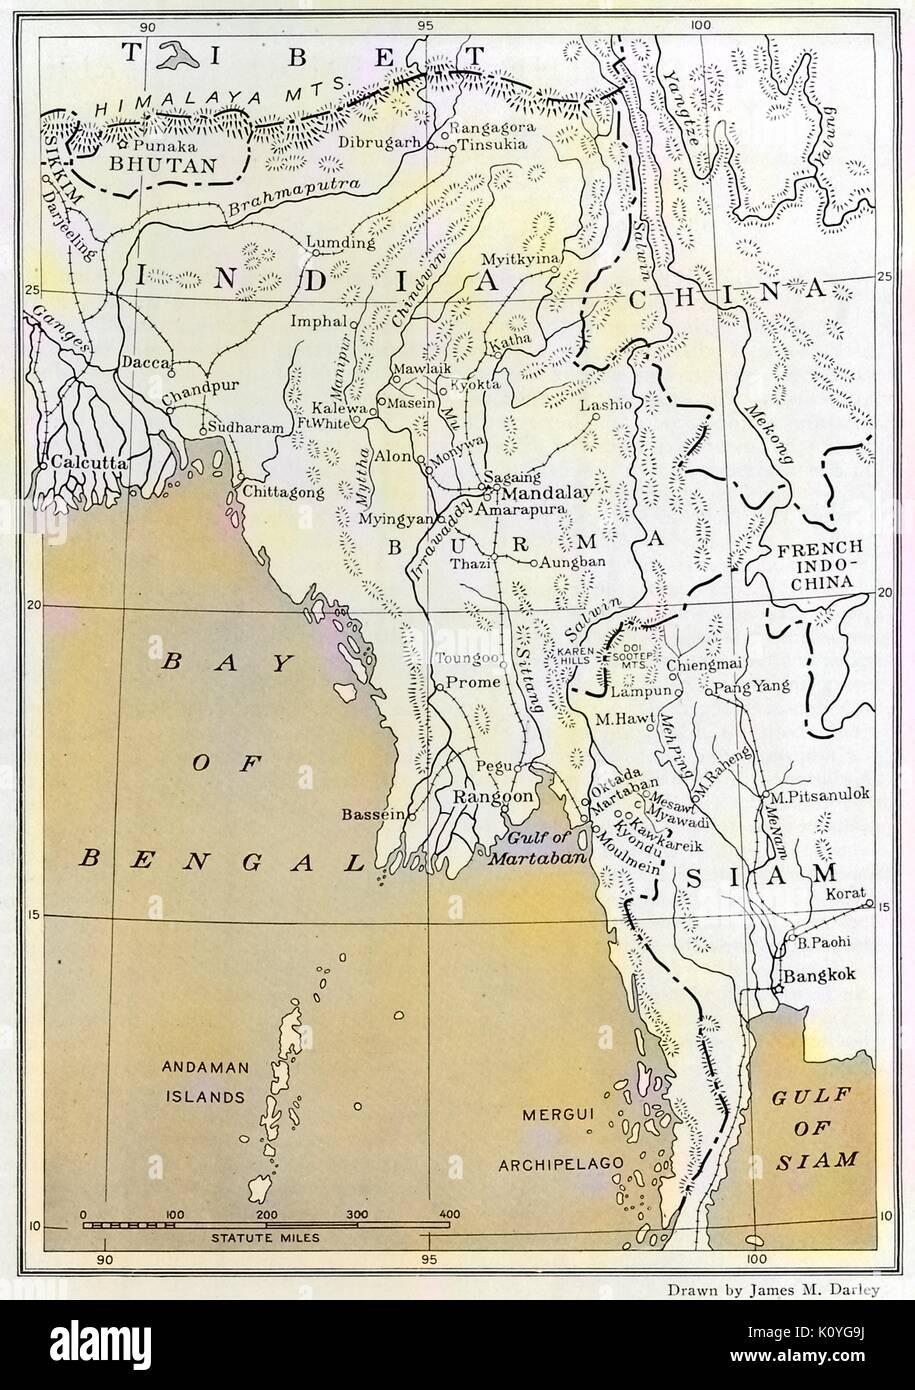 Karte Myanmar.Karte Von Burma Heute Myanmar Die Bucht Von Bengalen Siam Heute